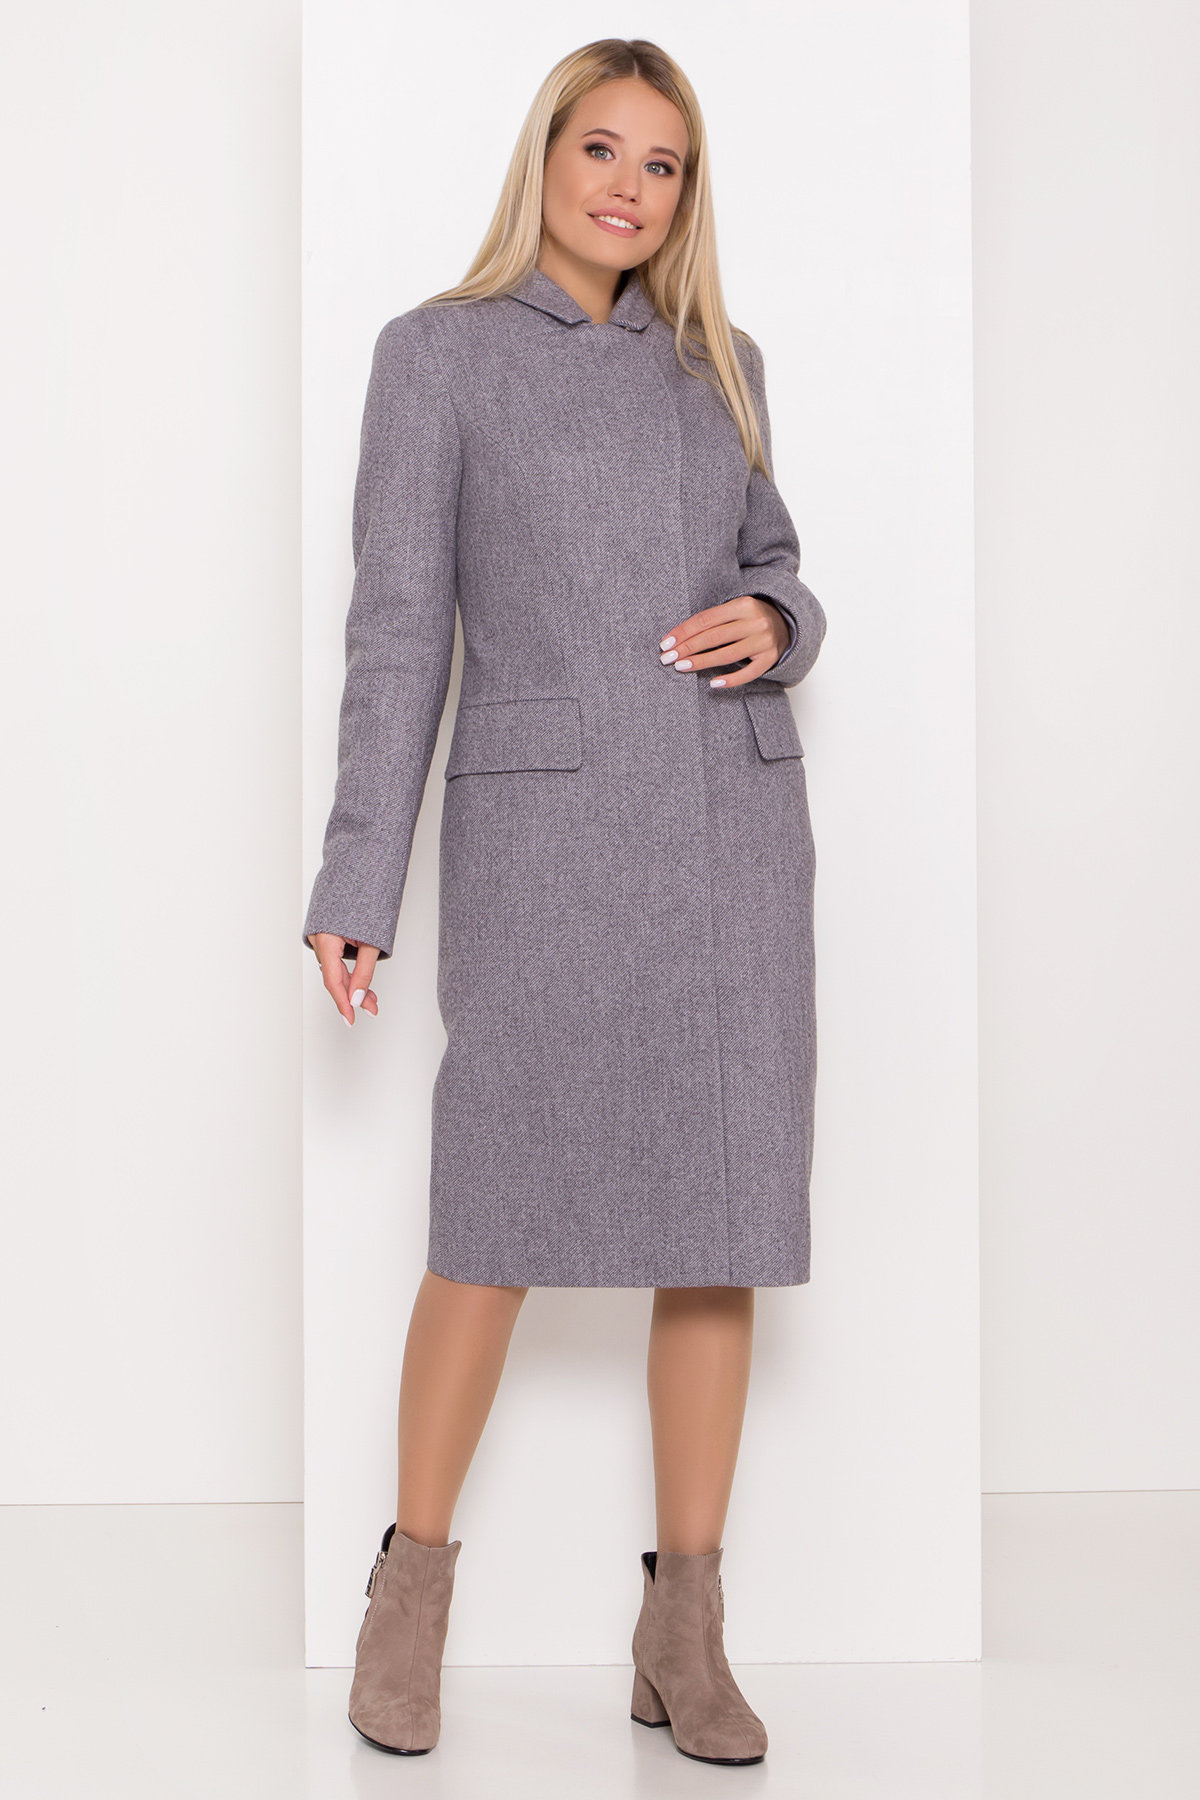 Полуприталенное зимнее пальто с отложным воротником Лабио 8182 АРТ. 44189 Цвет: Серый 2 - фото 8, интернет магазин tm-modus.ru